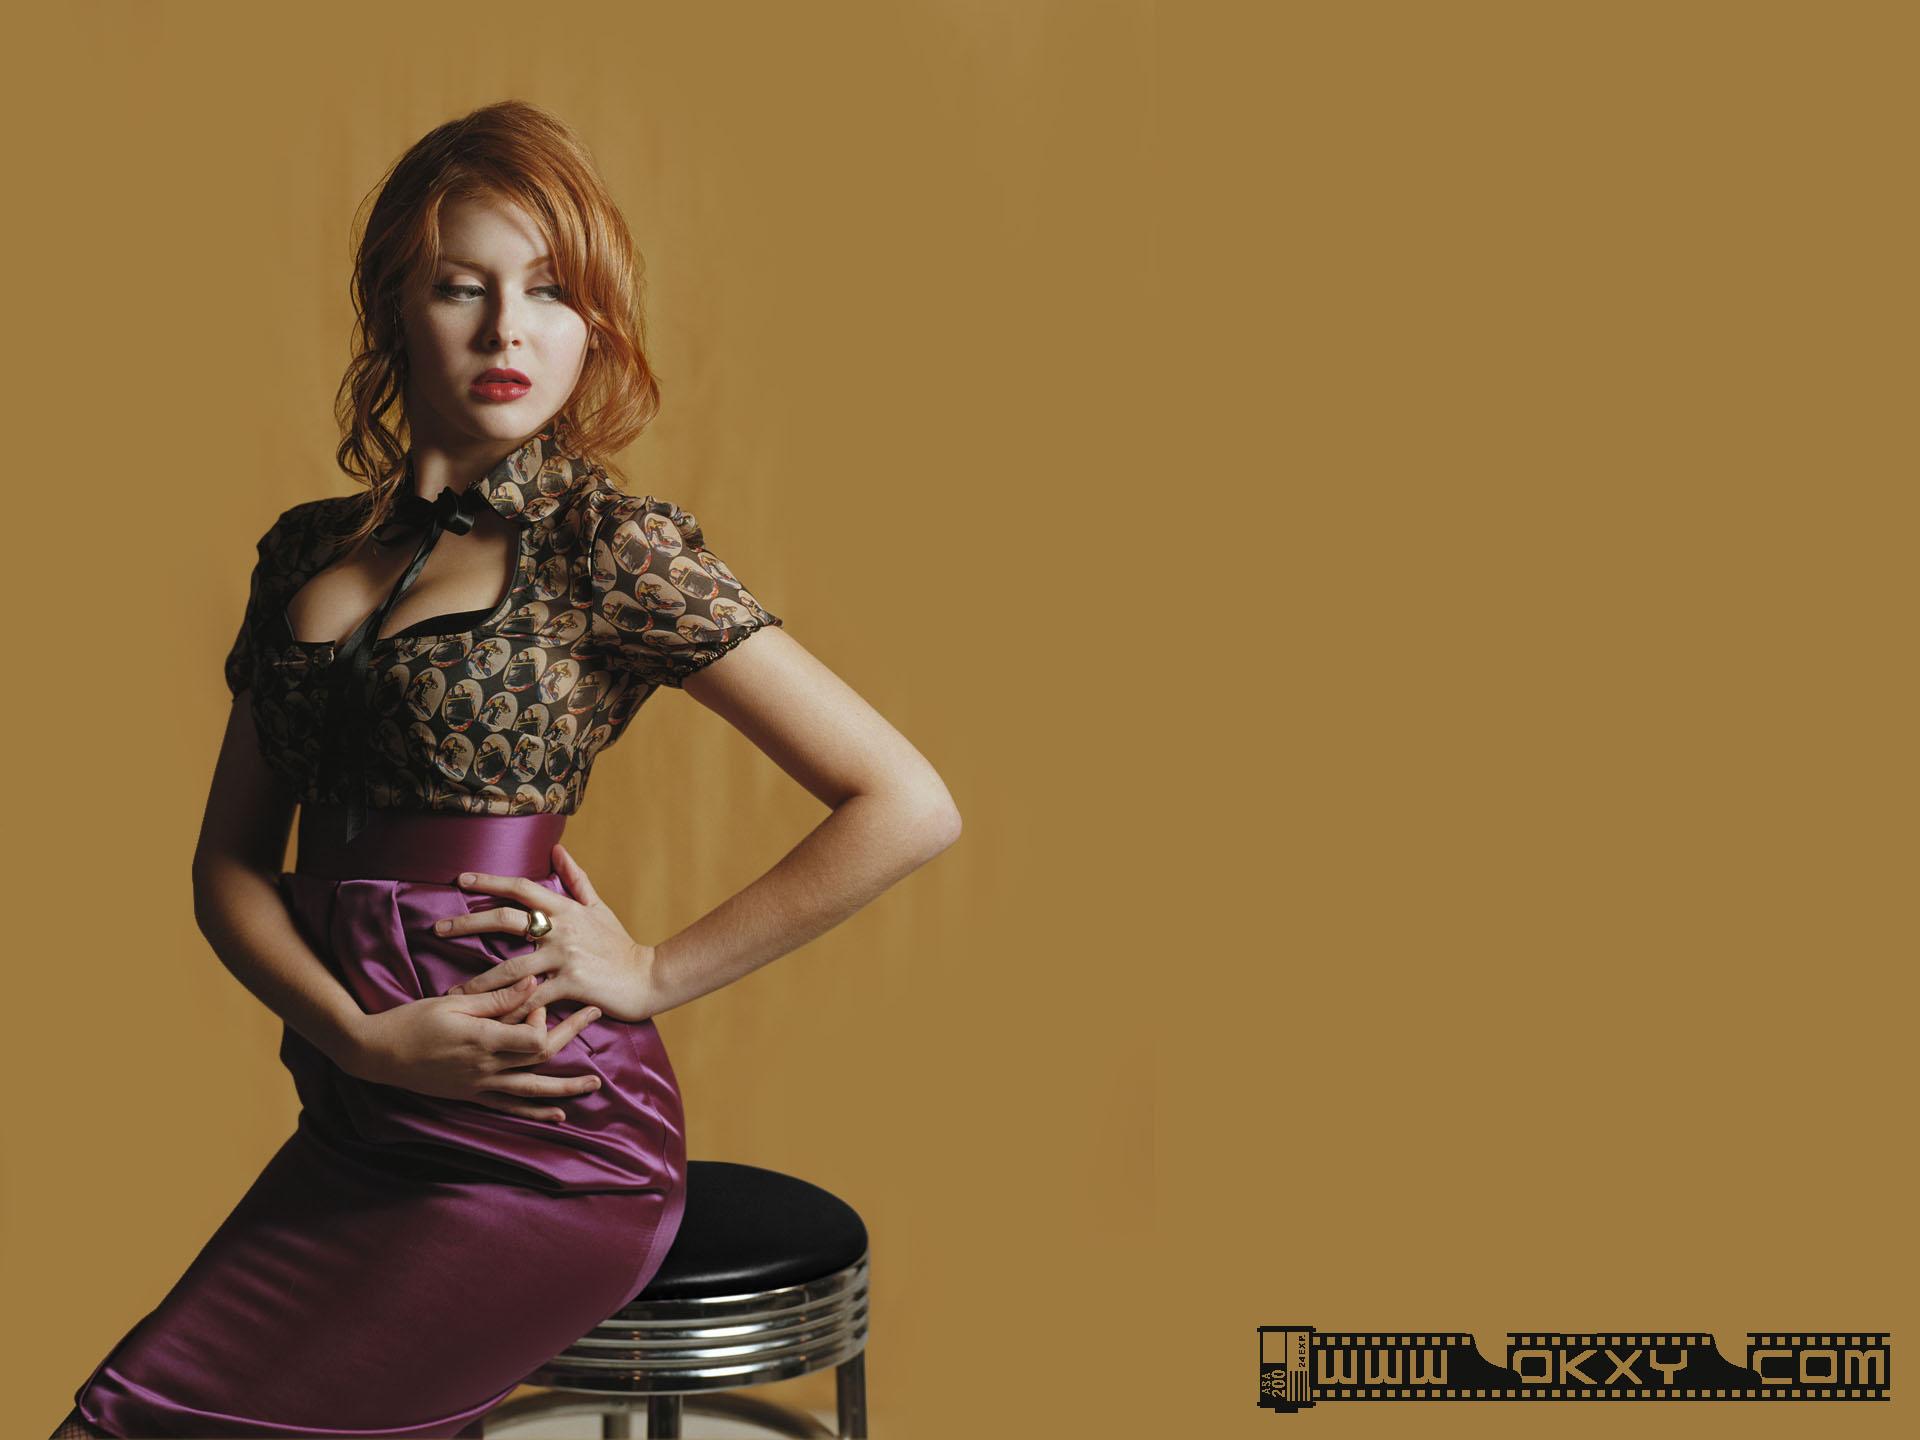 欧美超级名模美女桌面壁纸